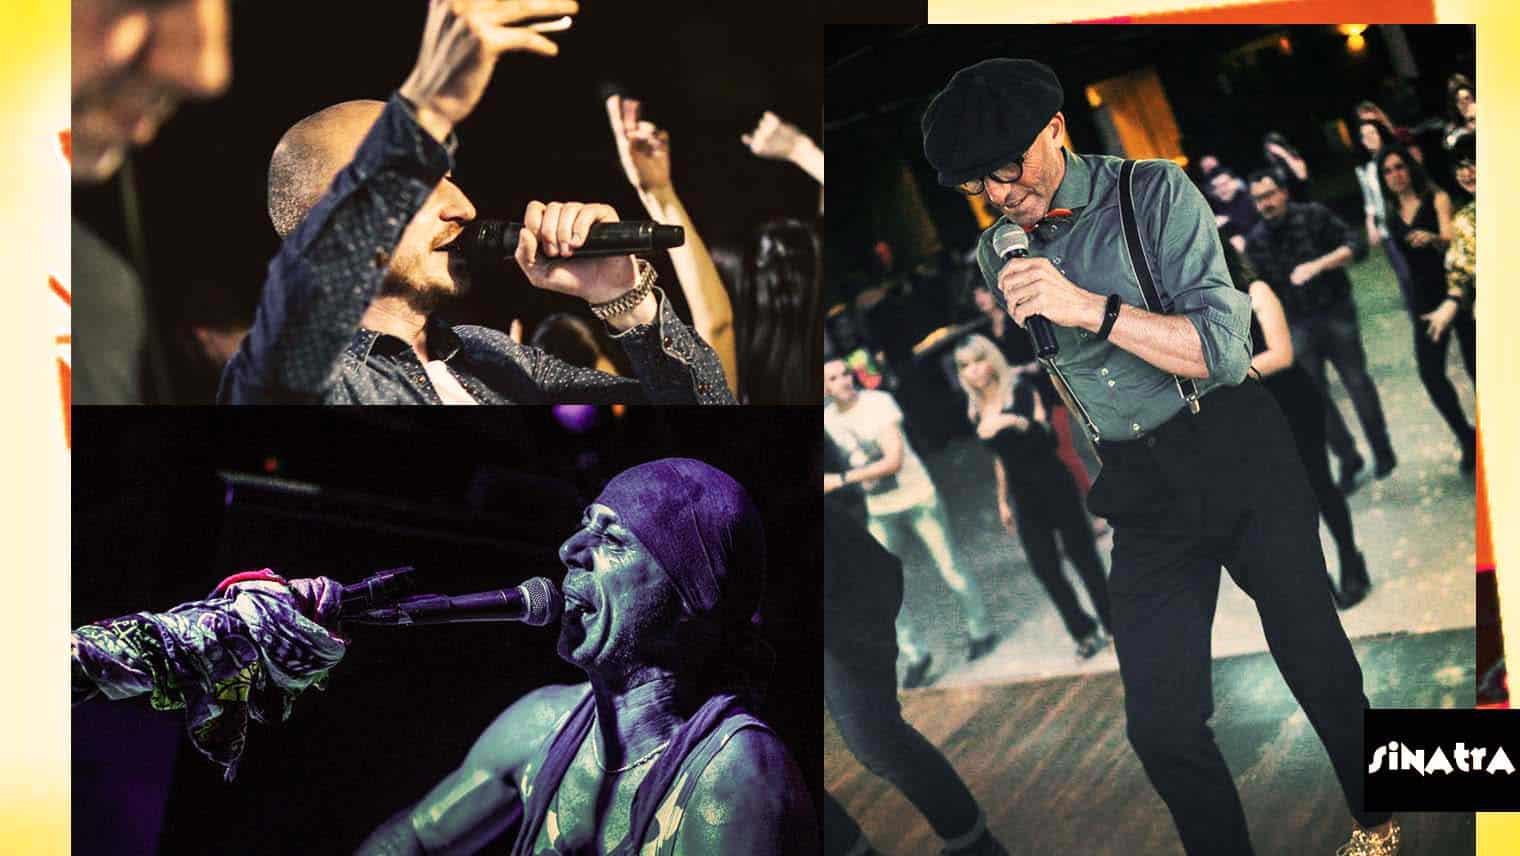 vocalist_in_discoteca_come_si_diventa_e_il_suo_futuro_clubbing_culture_sinatra_ferrara_club.jpg